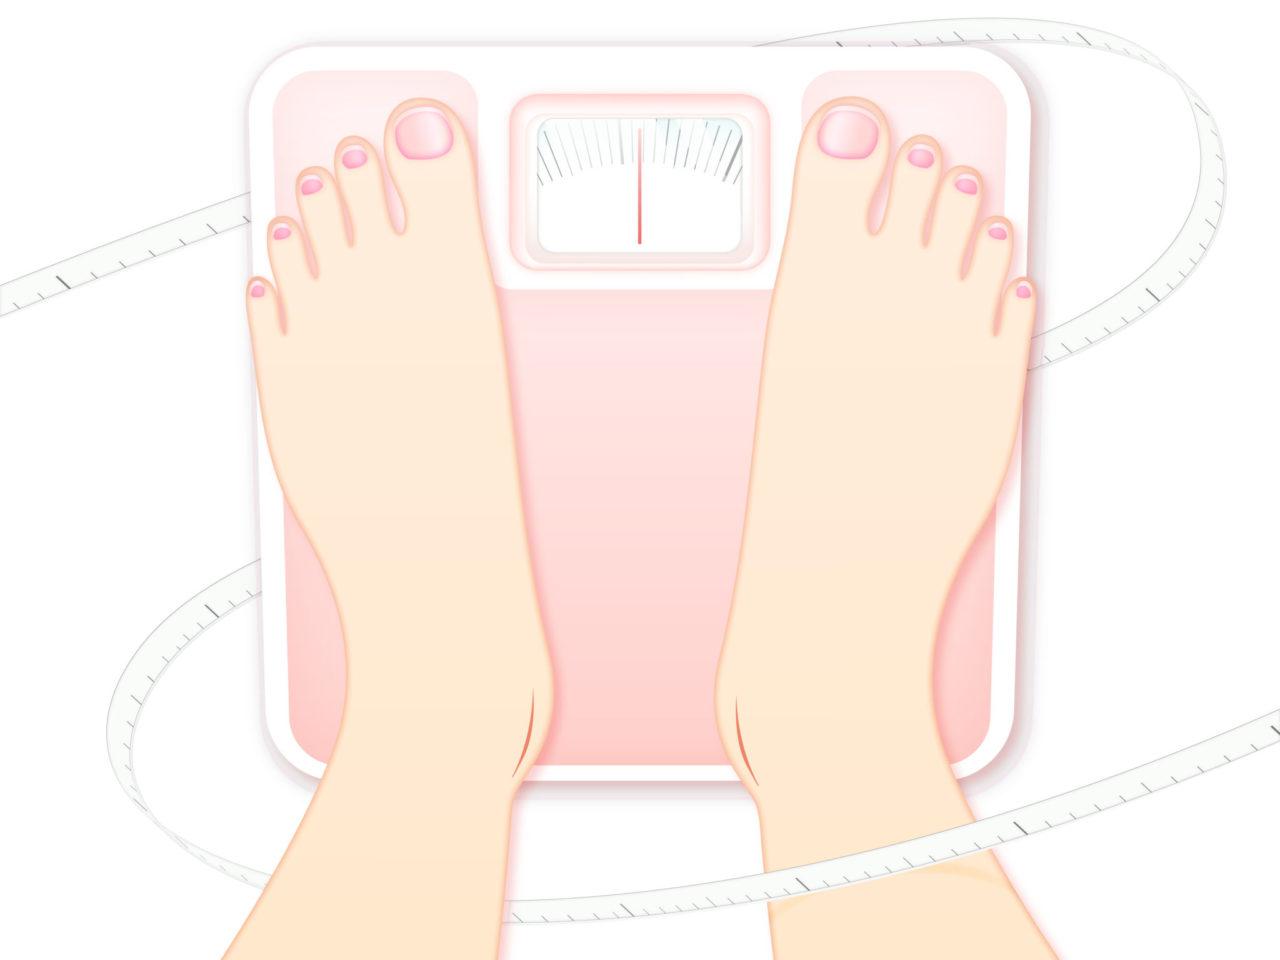 減量プラン計算ツール|体重を減らすために必要な一日のカロリー量をチェック!